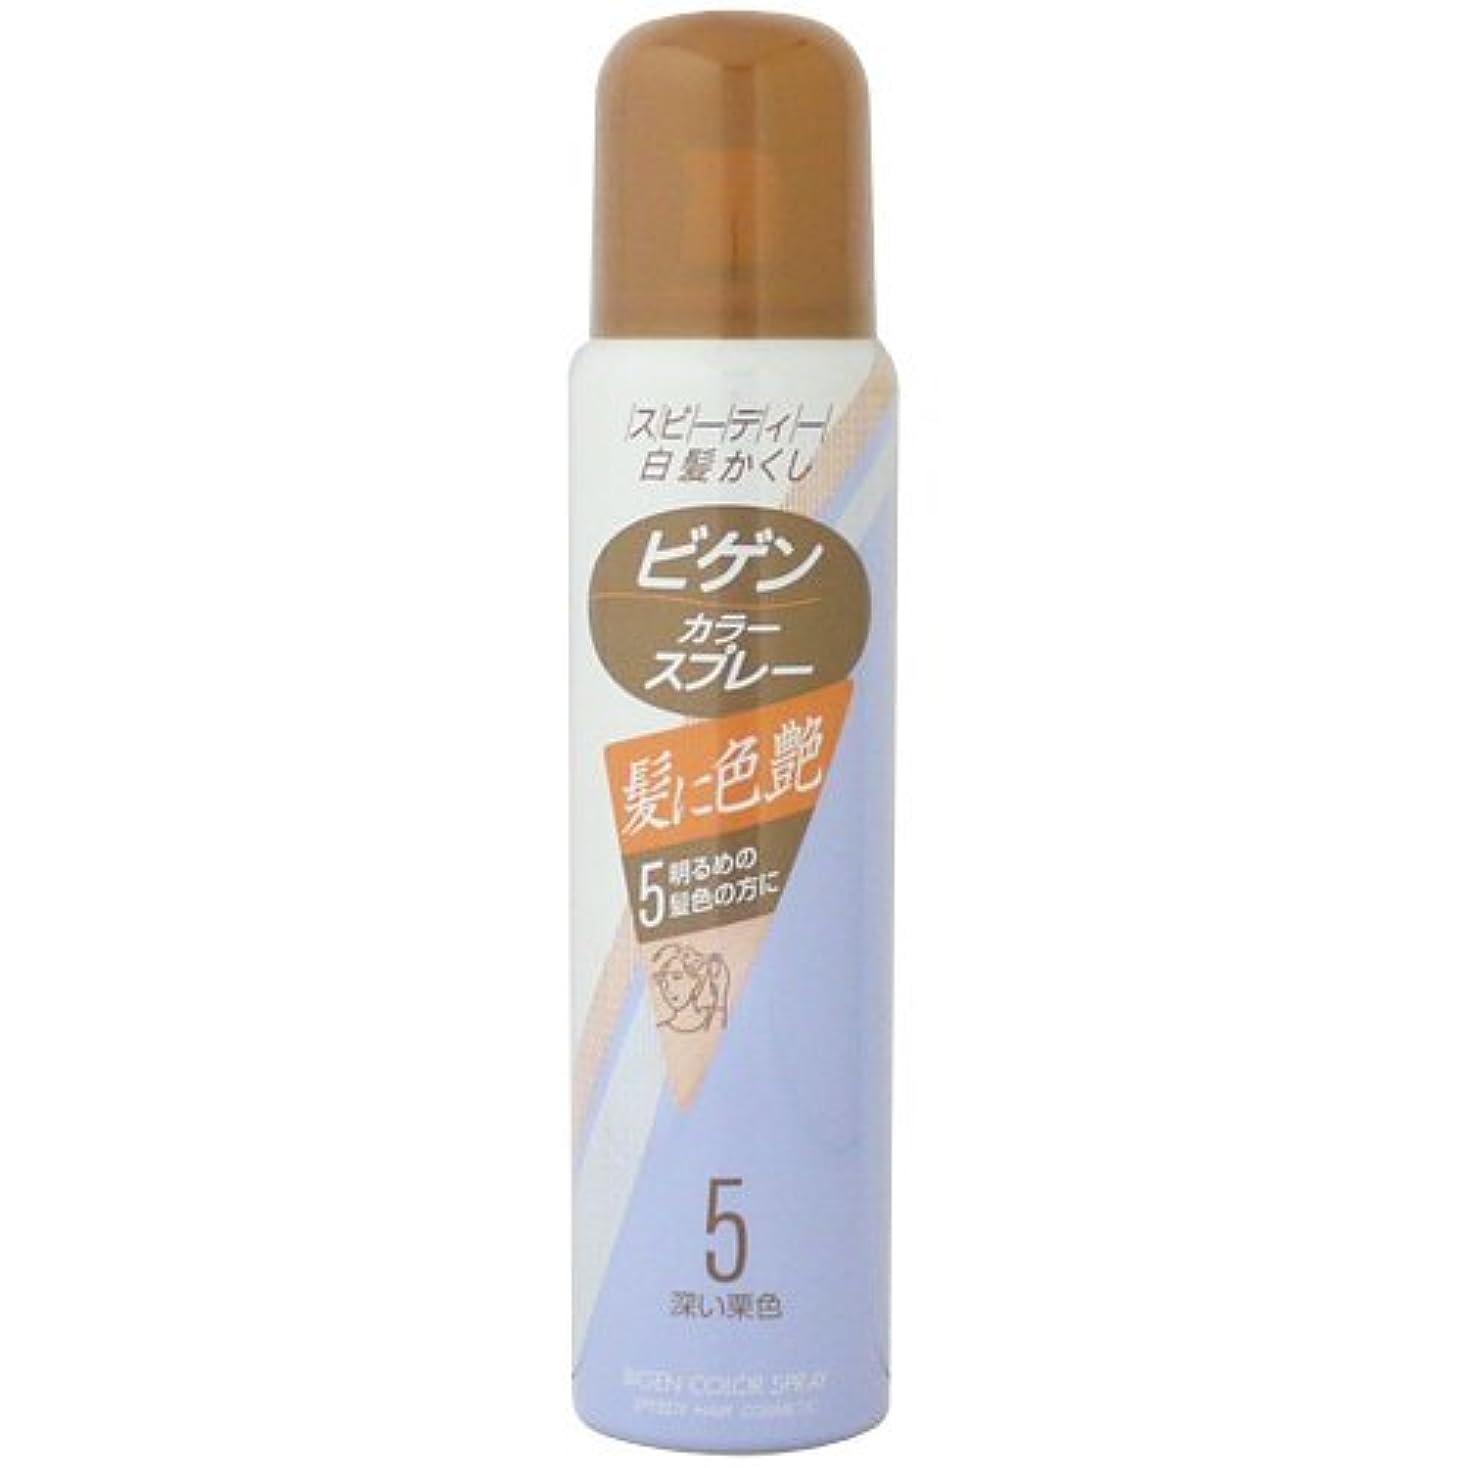 ホーユー ビゲン カラースプレー 【5 深い栗色】 82g